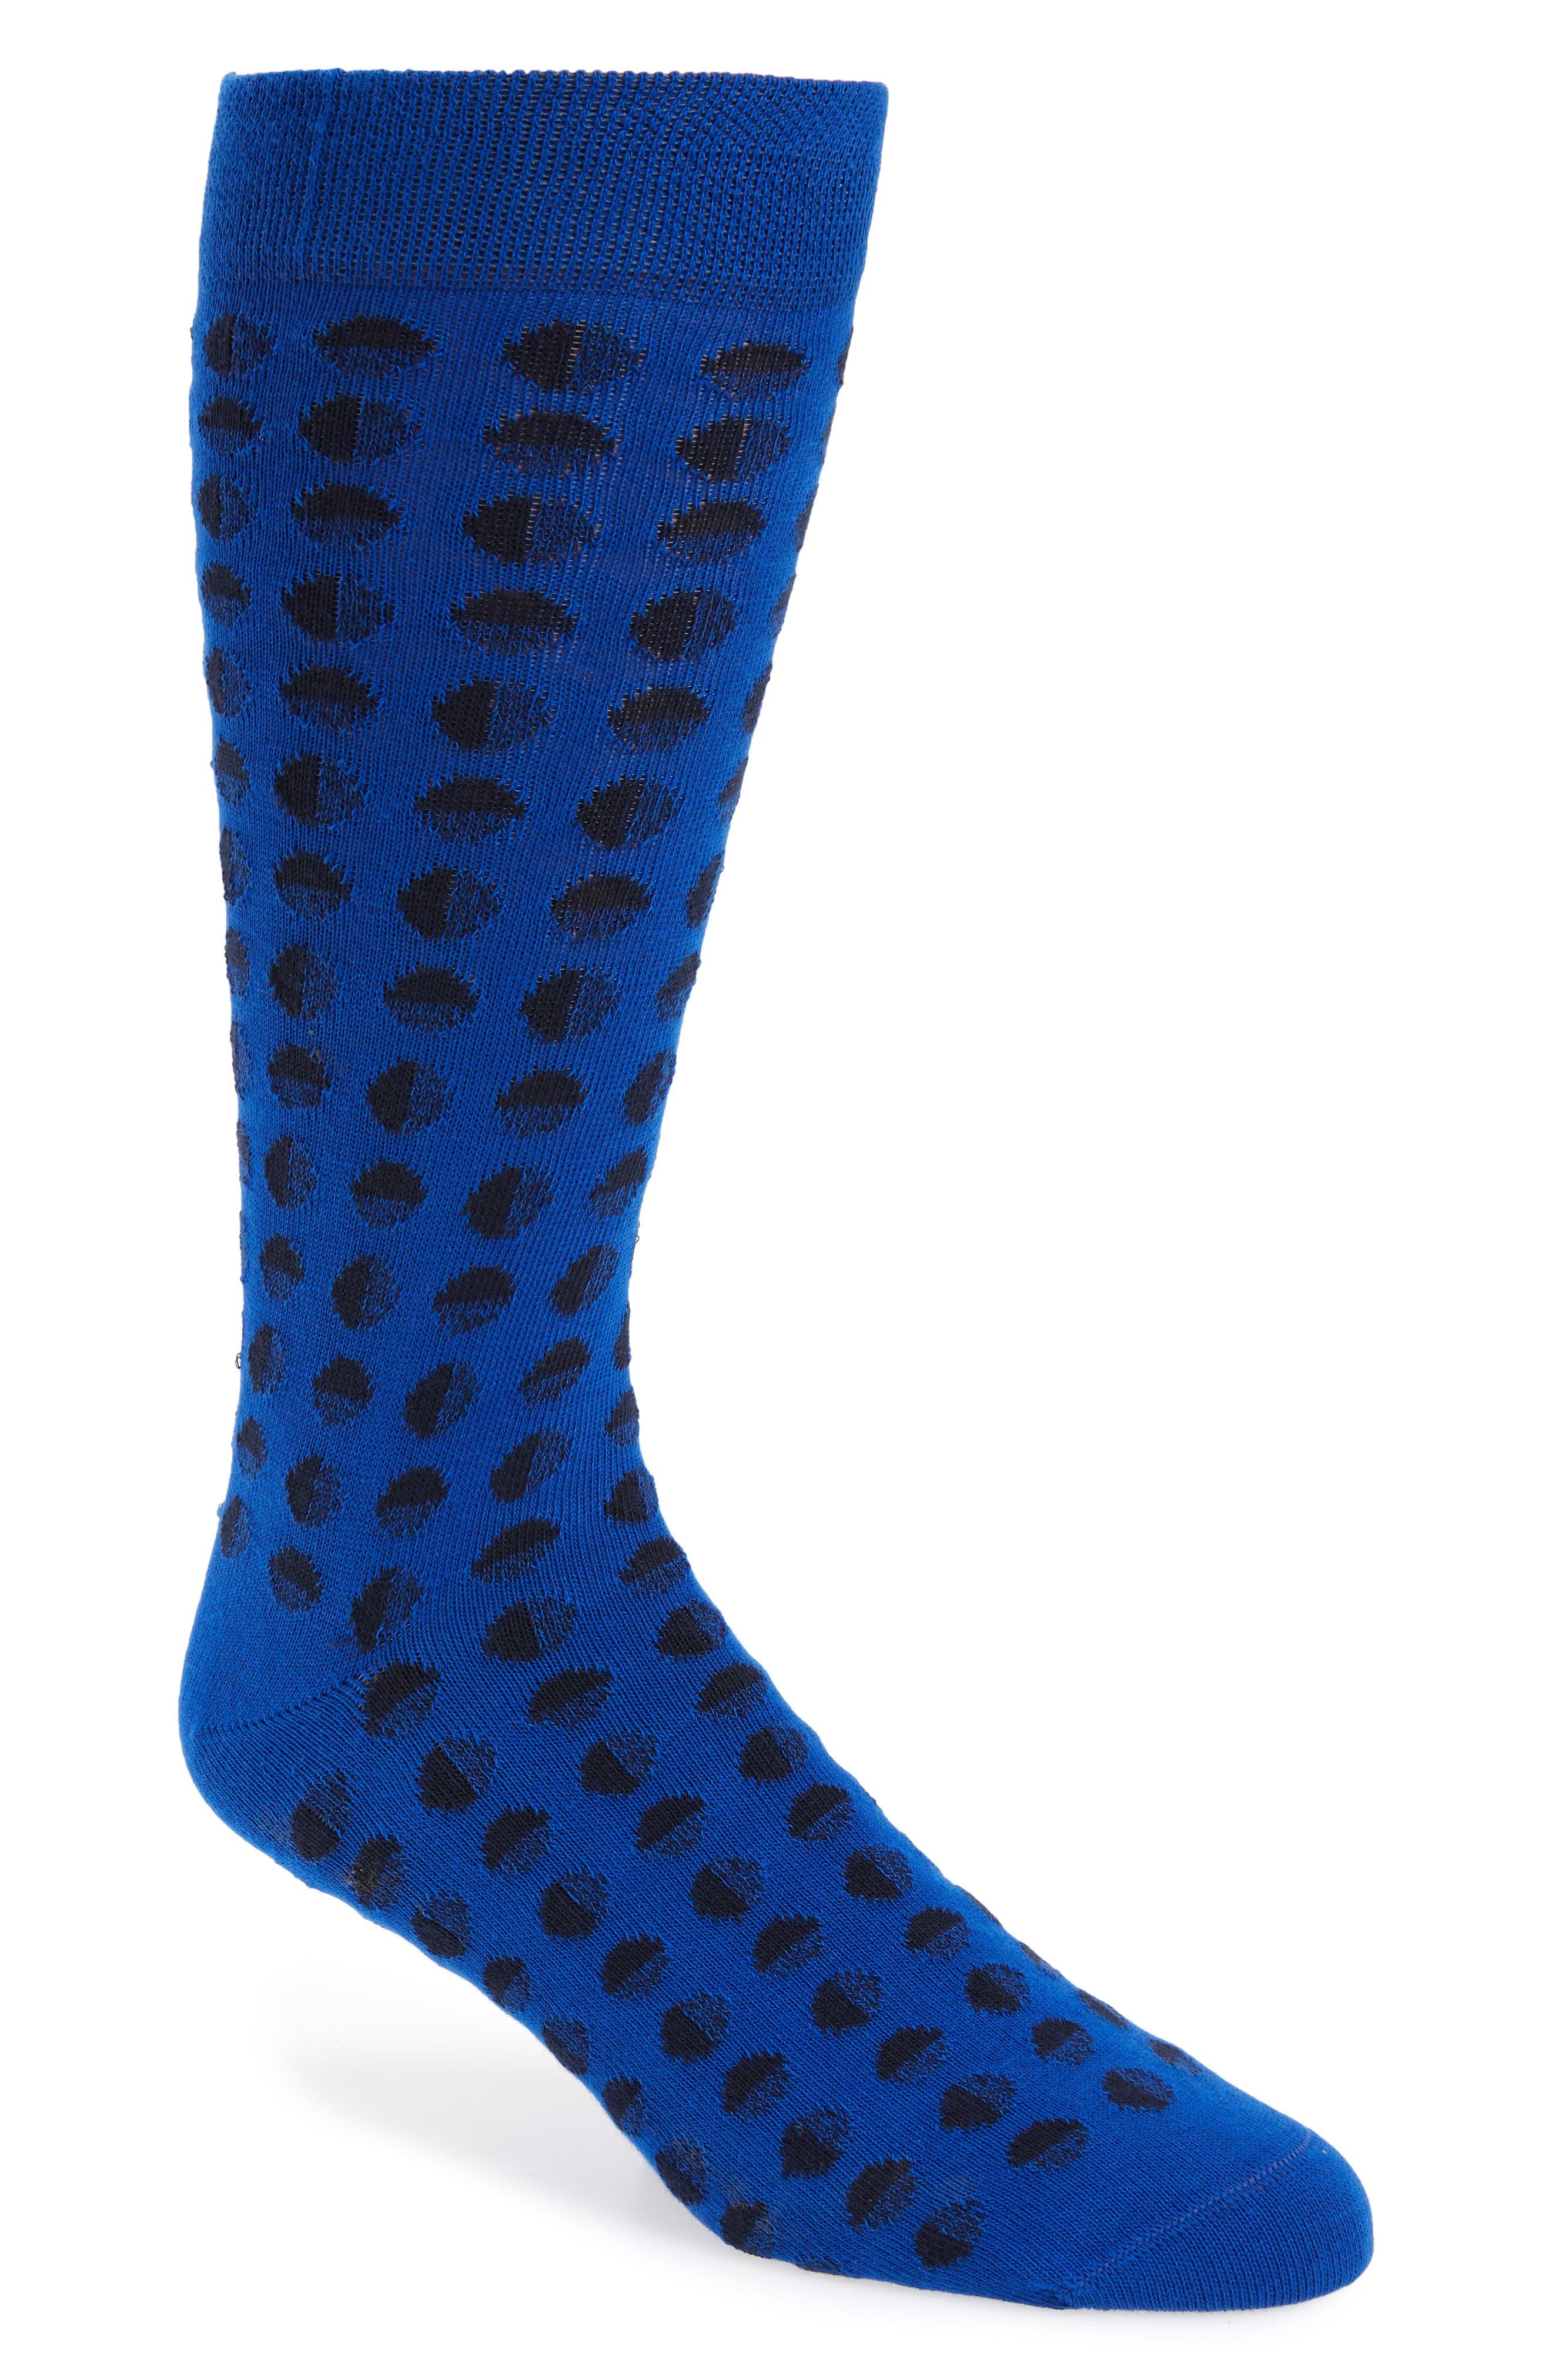 Mitchum Dot Socks,                             Main thumbnail 1, color,                             421